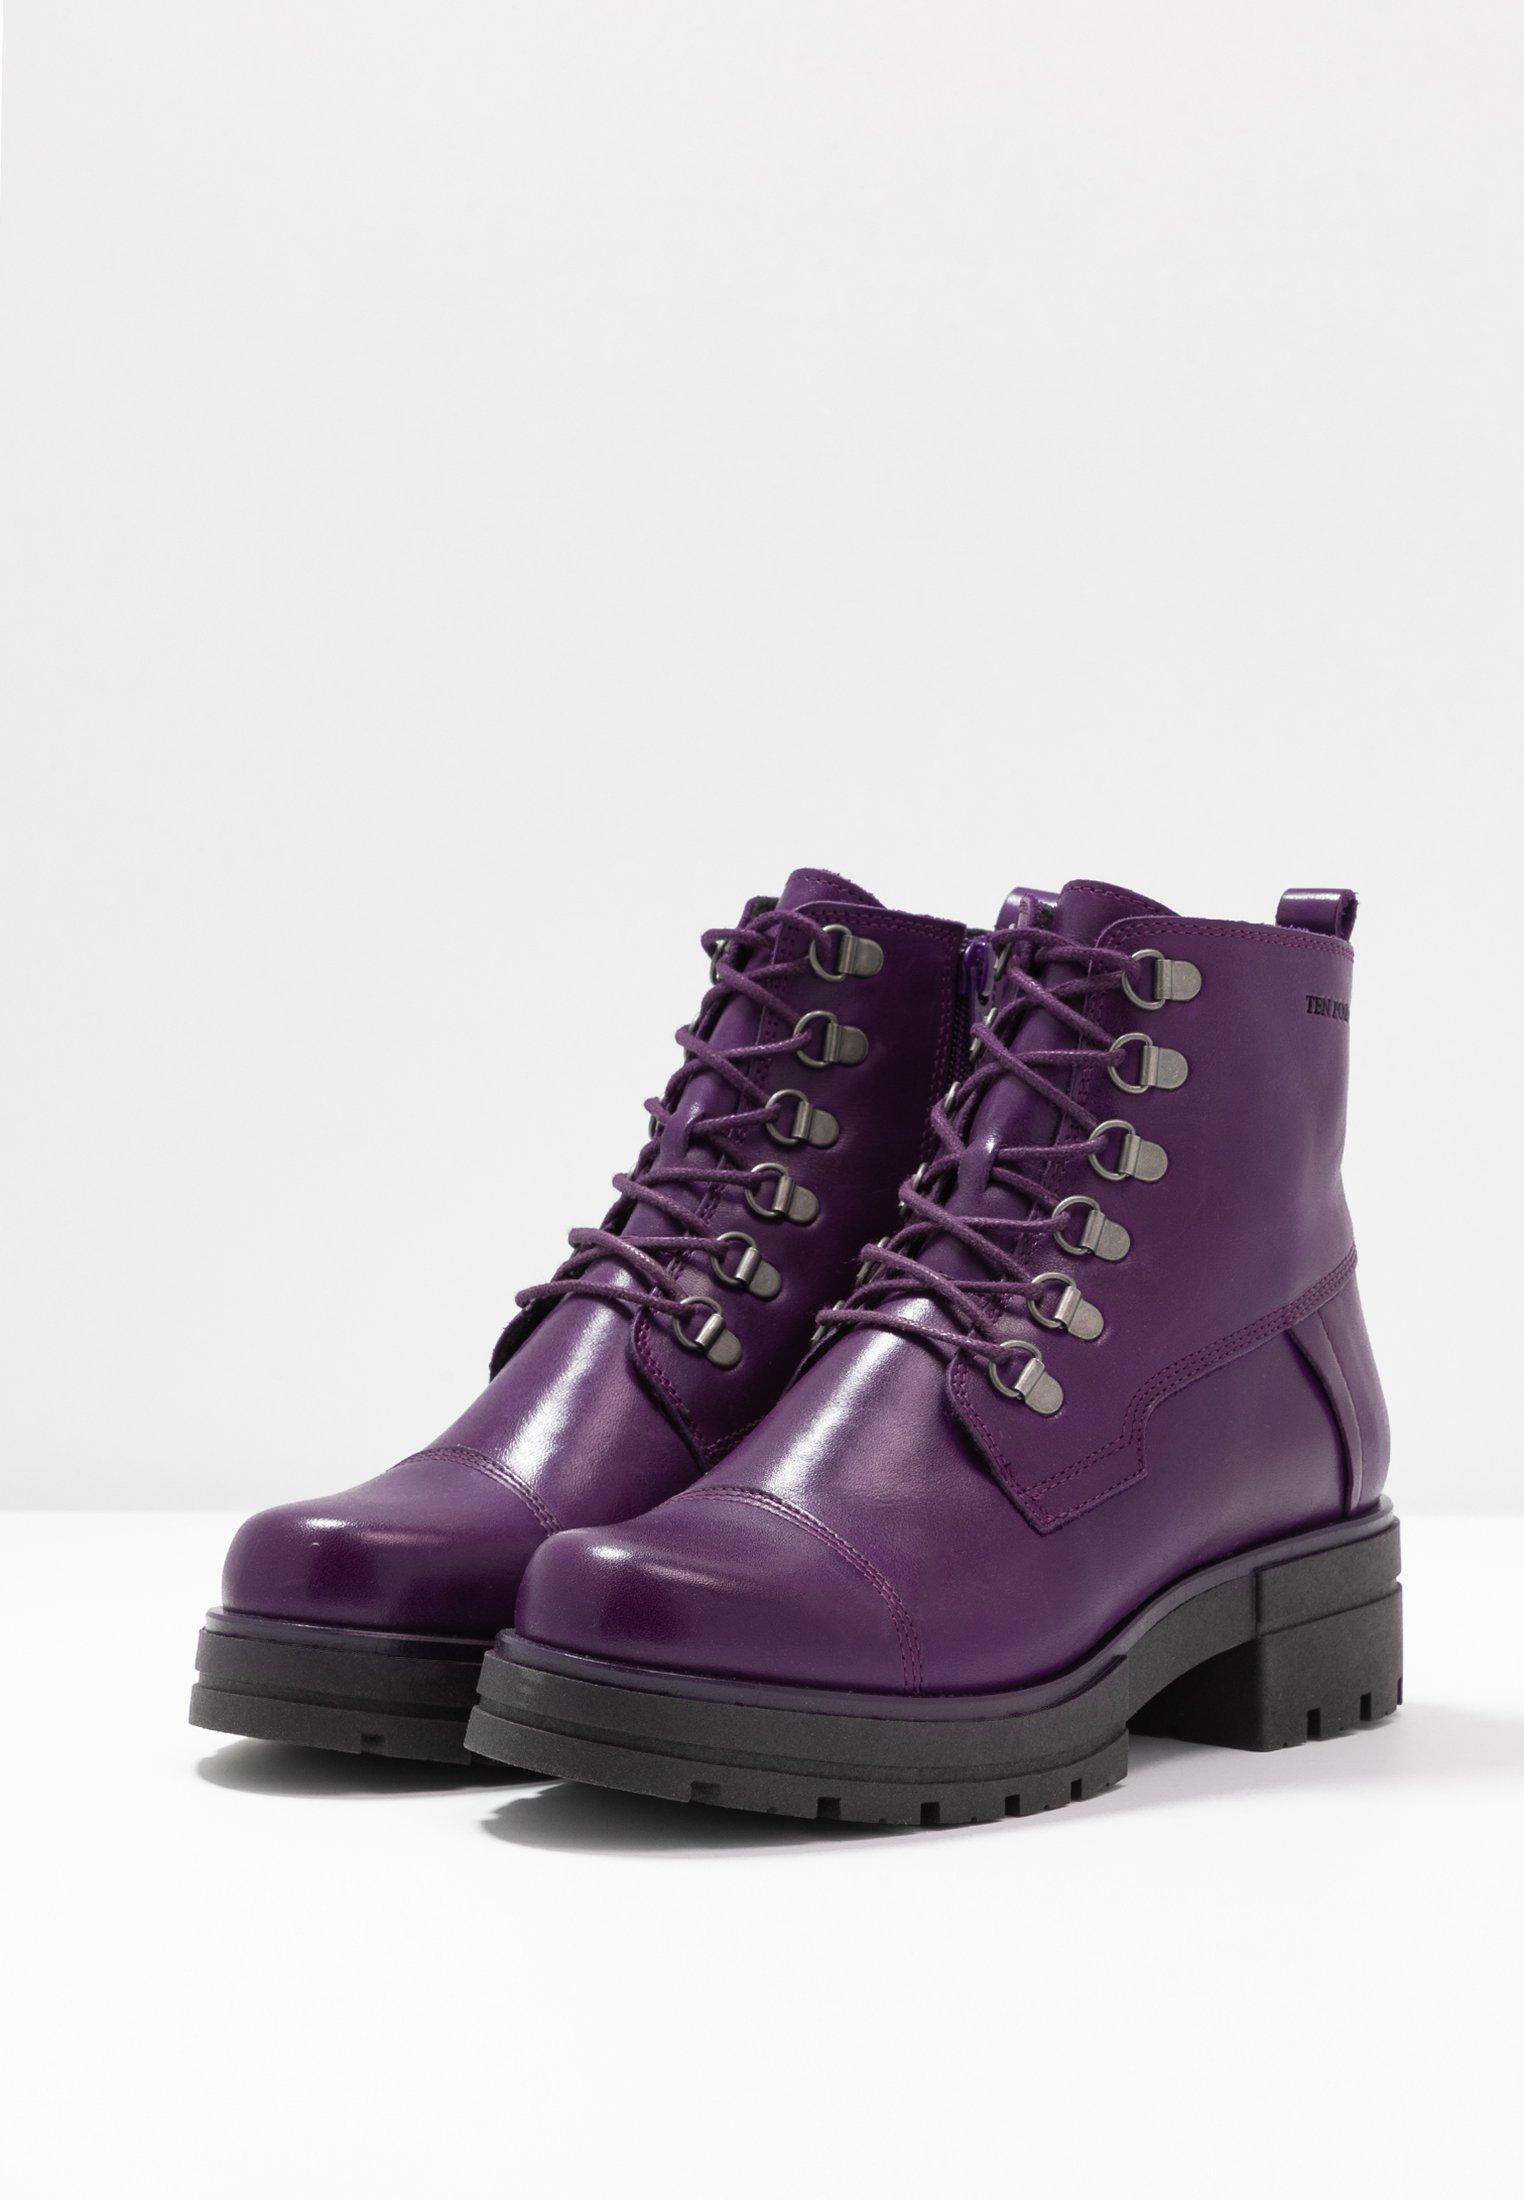 Ten Points ALICE - Stivaletti con plateau dark purple